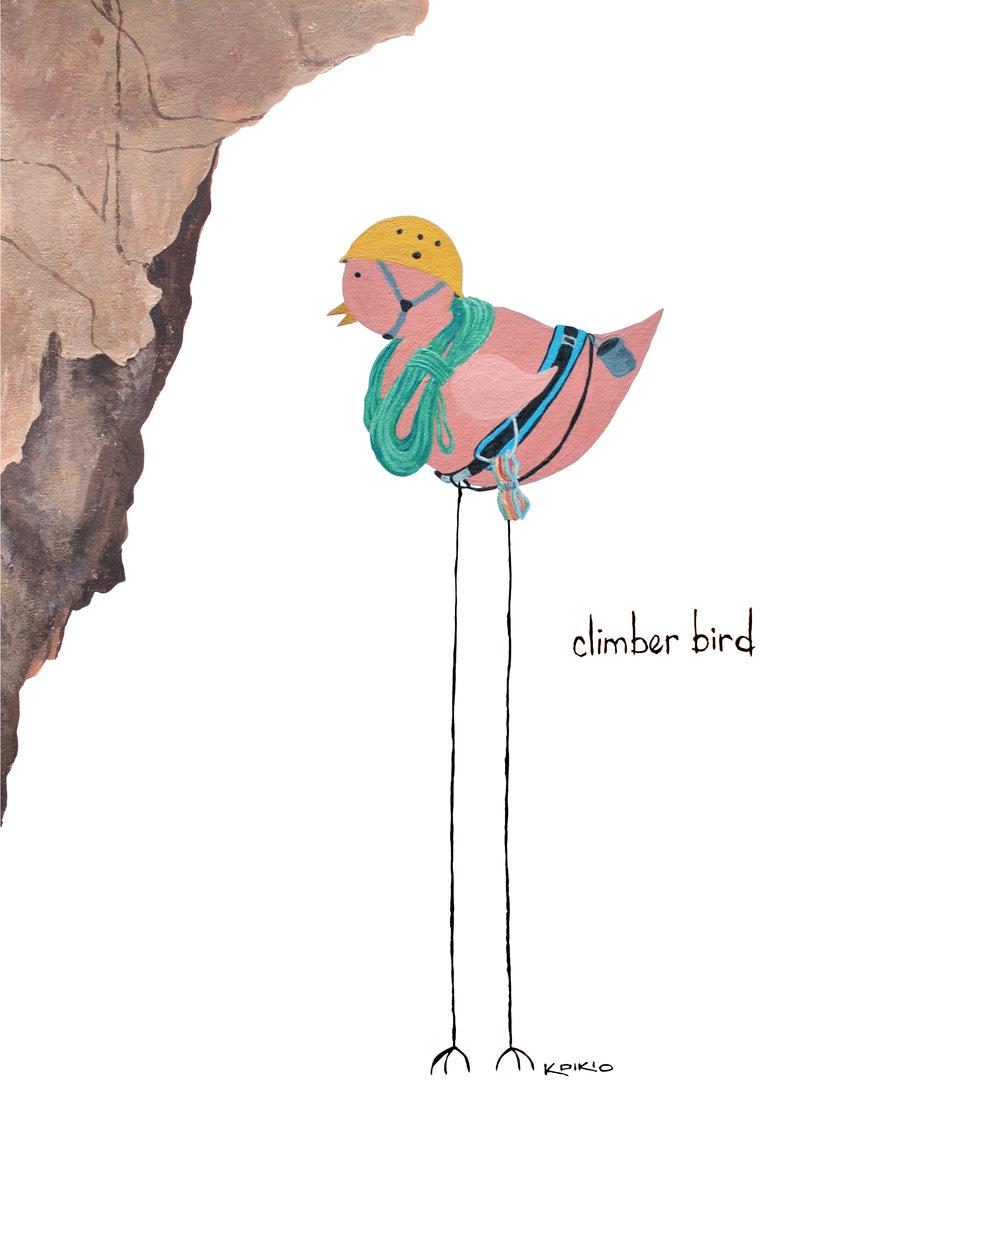 Climber Bird_whitebg_8x10.jpg